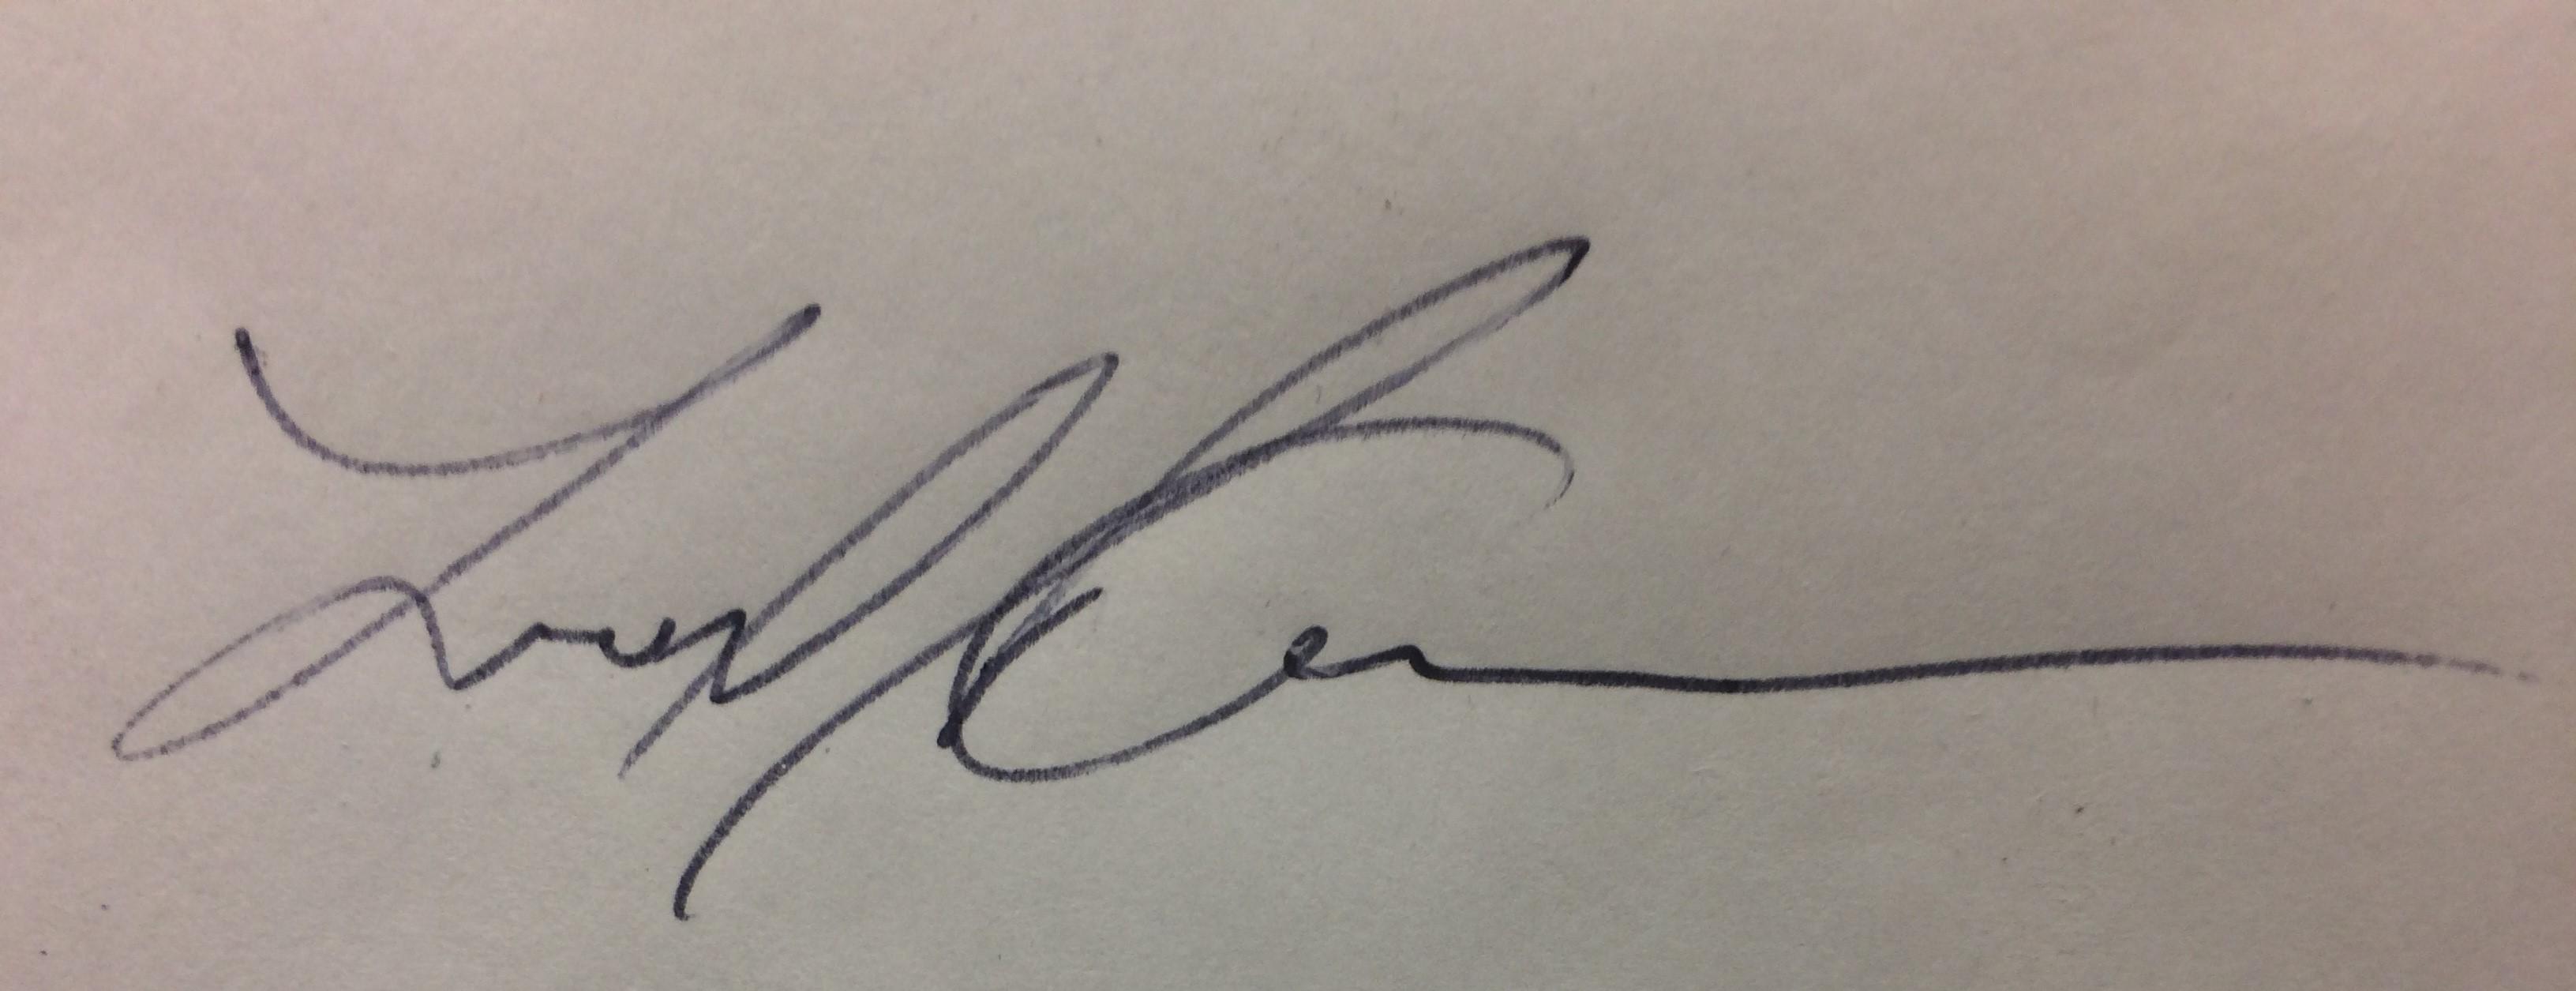 mfleecas's Signature